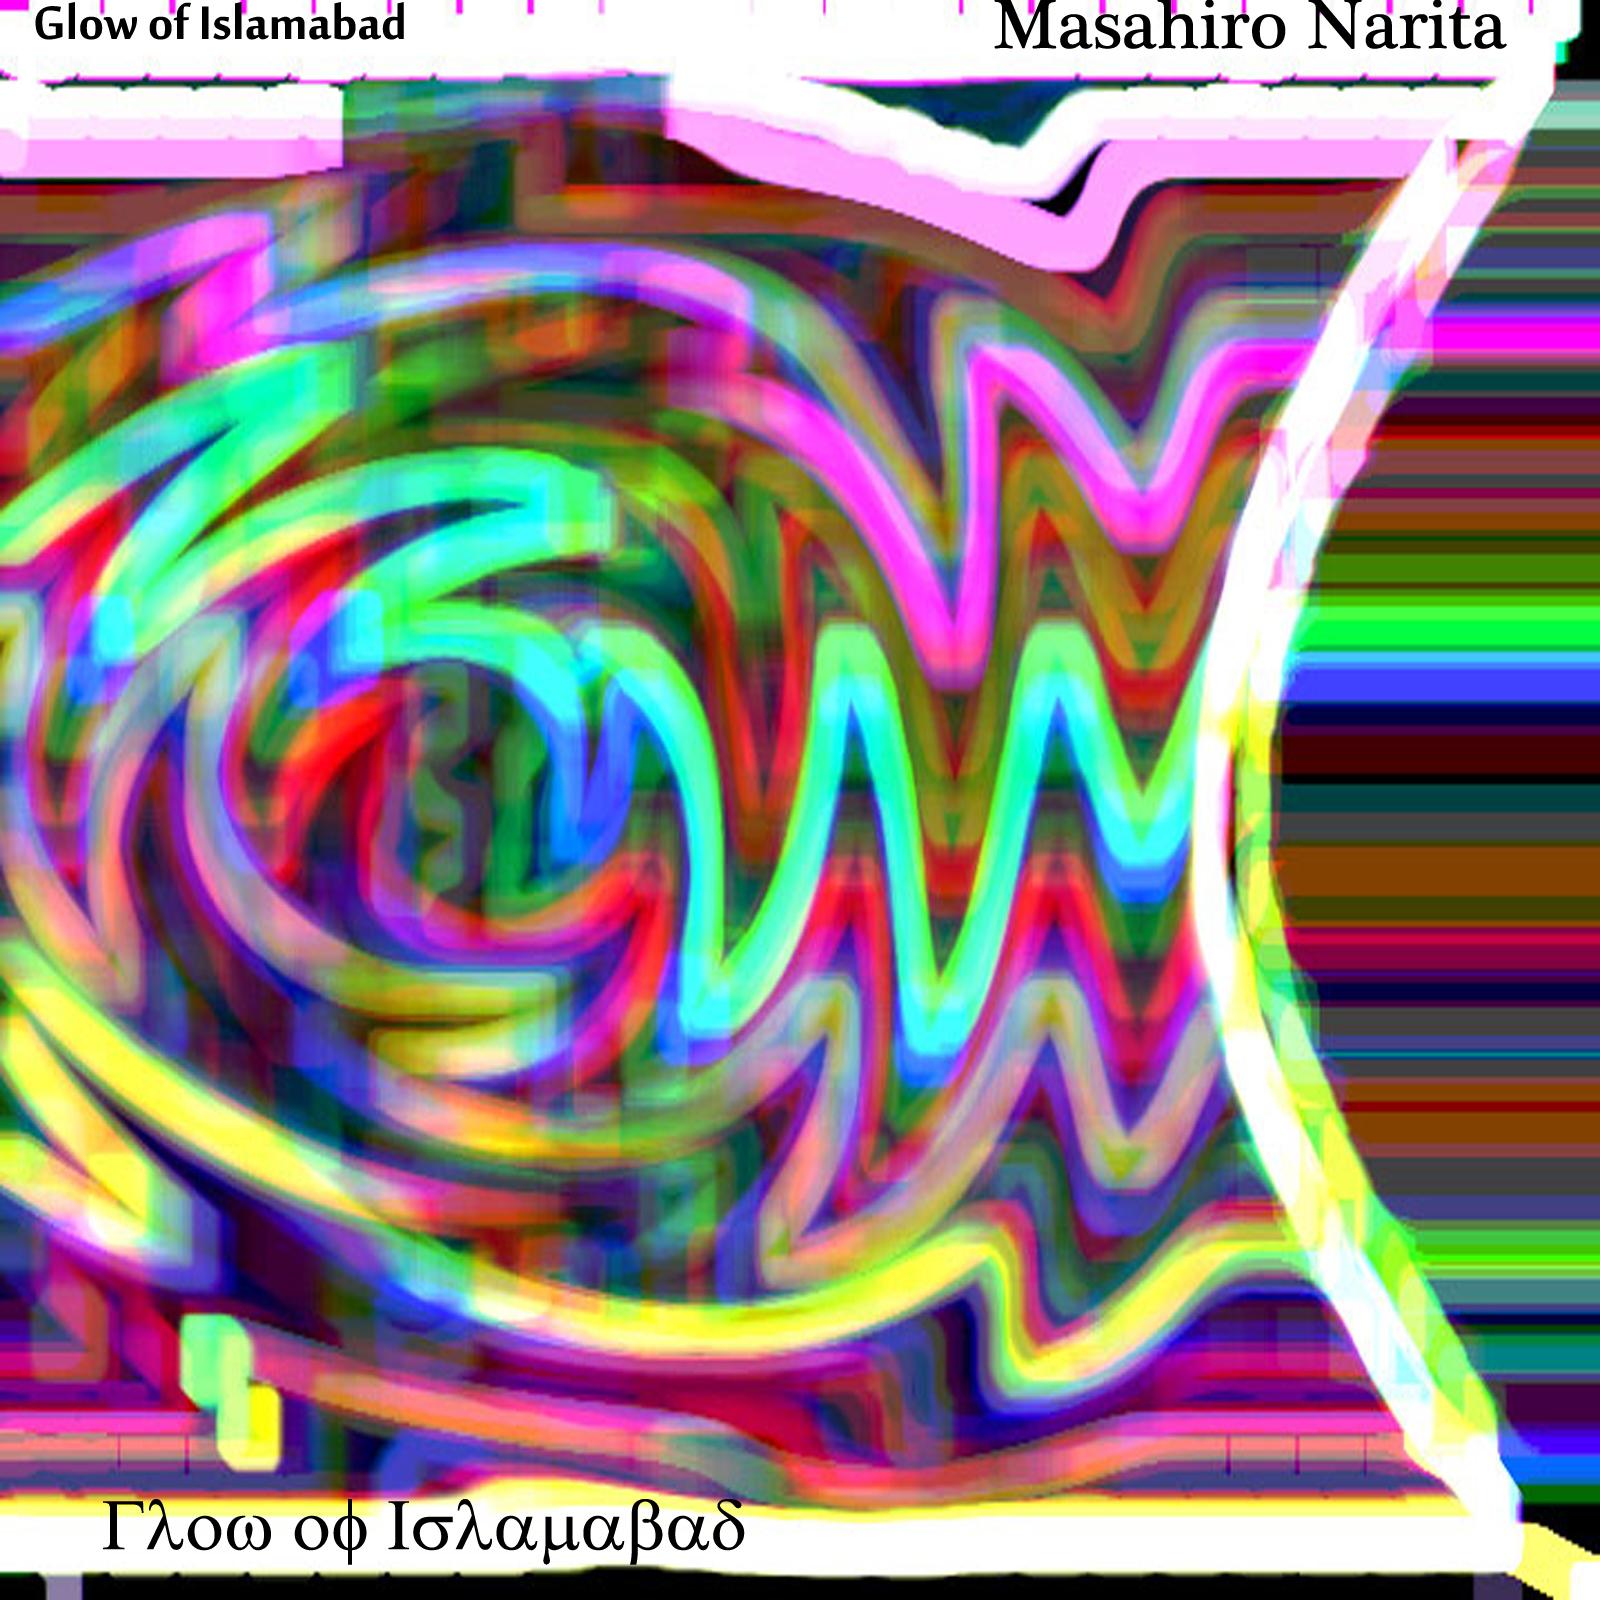 4a13c598771109fef9f220d8c6caba38.jpg?sr.dw=286&sr